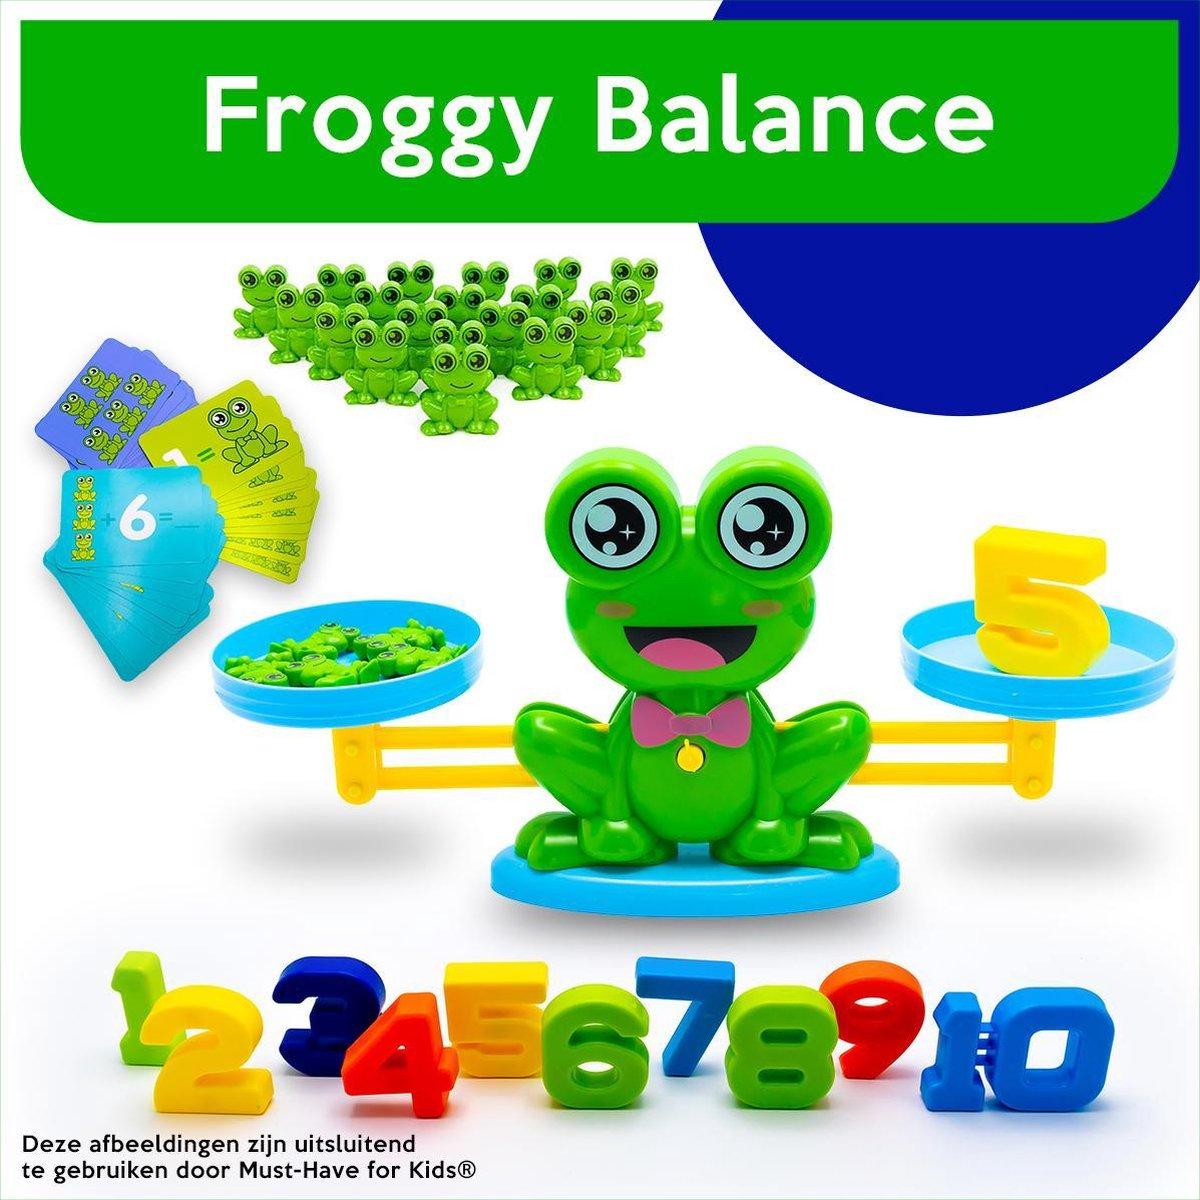 Must-Have for Kids®   Frog Balance Game - Balansspel - Leren Rekenen - Interactief Speelgoed - Weegschaal Speelgoed - Monkey Balance - Telraam - Speelgoed Jongens - 3 jaar - 4 jaar - 5 jaar - 6 jaar